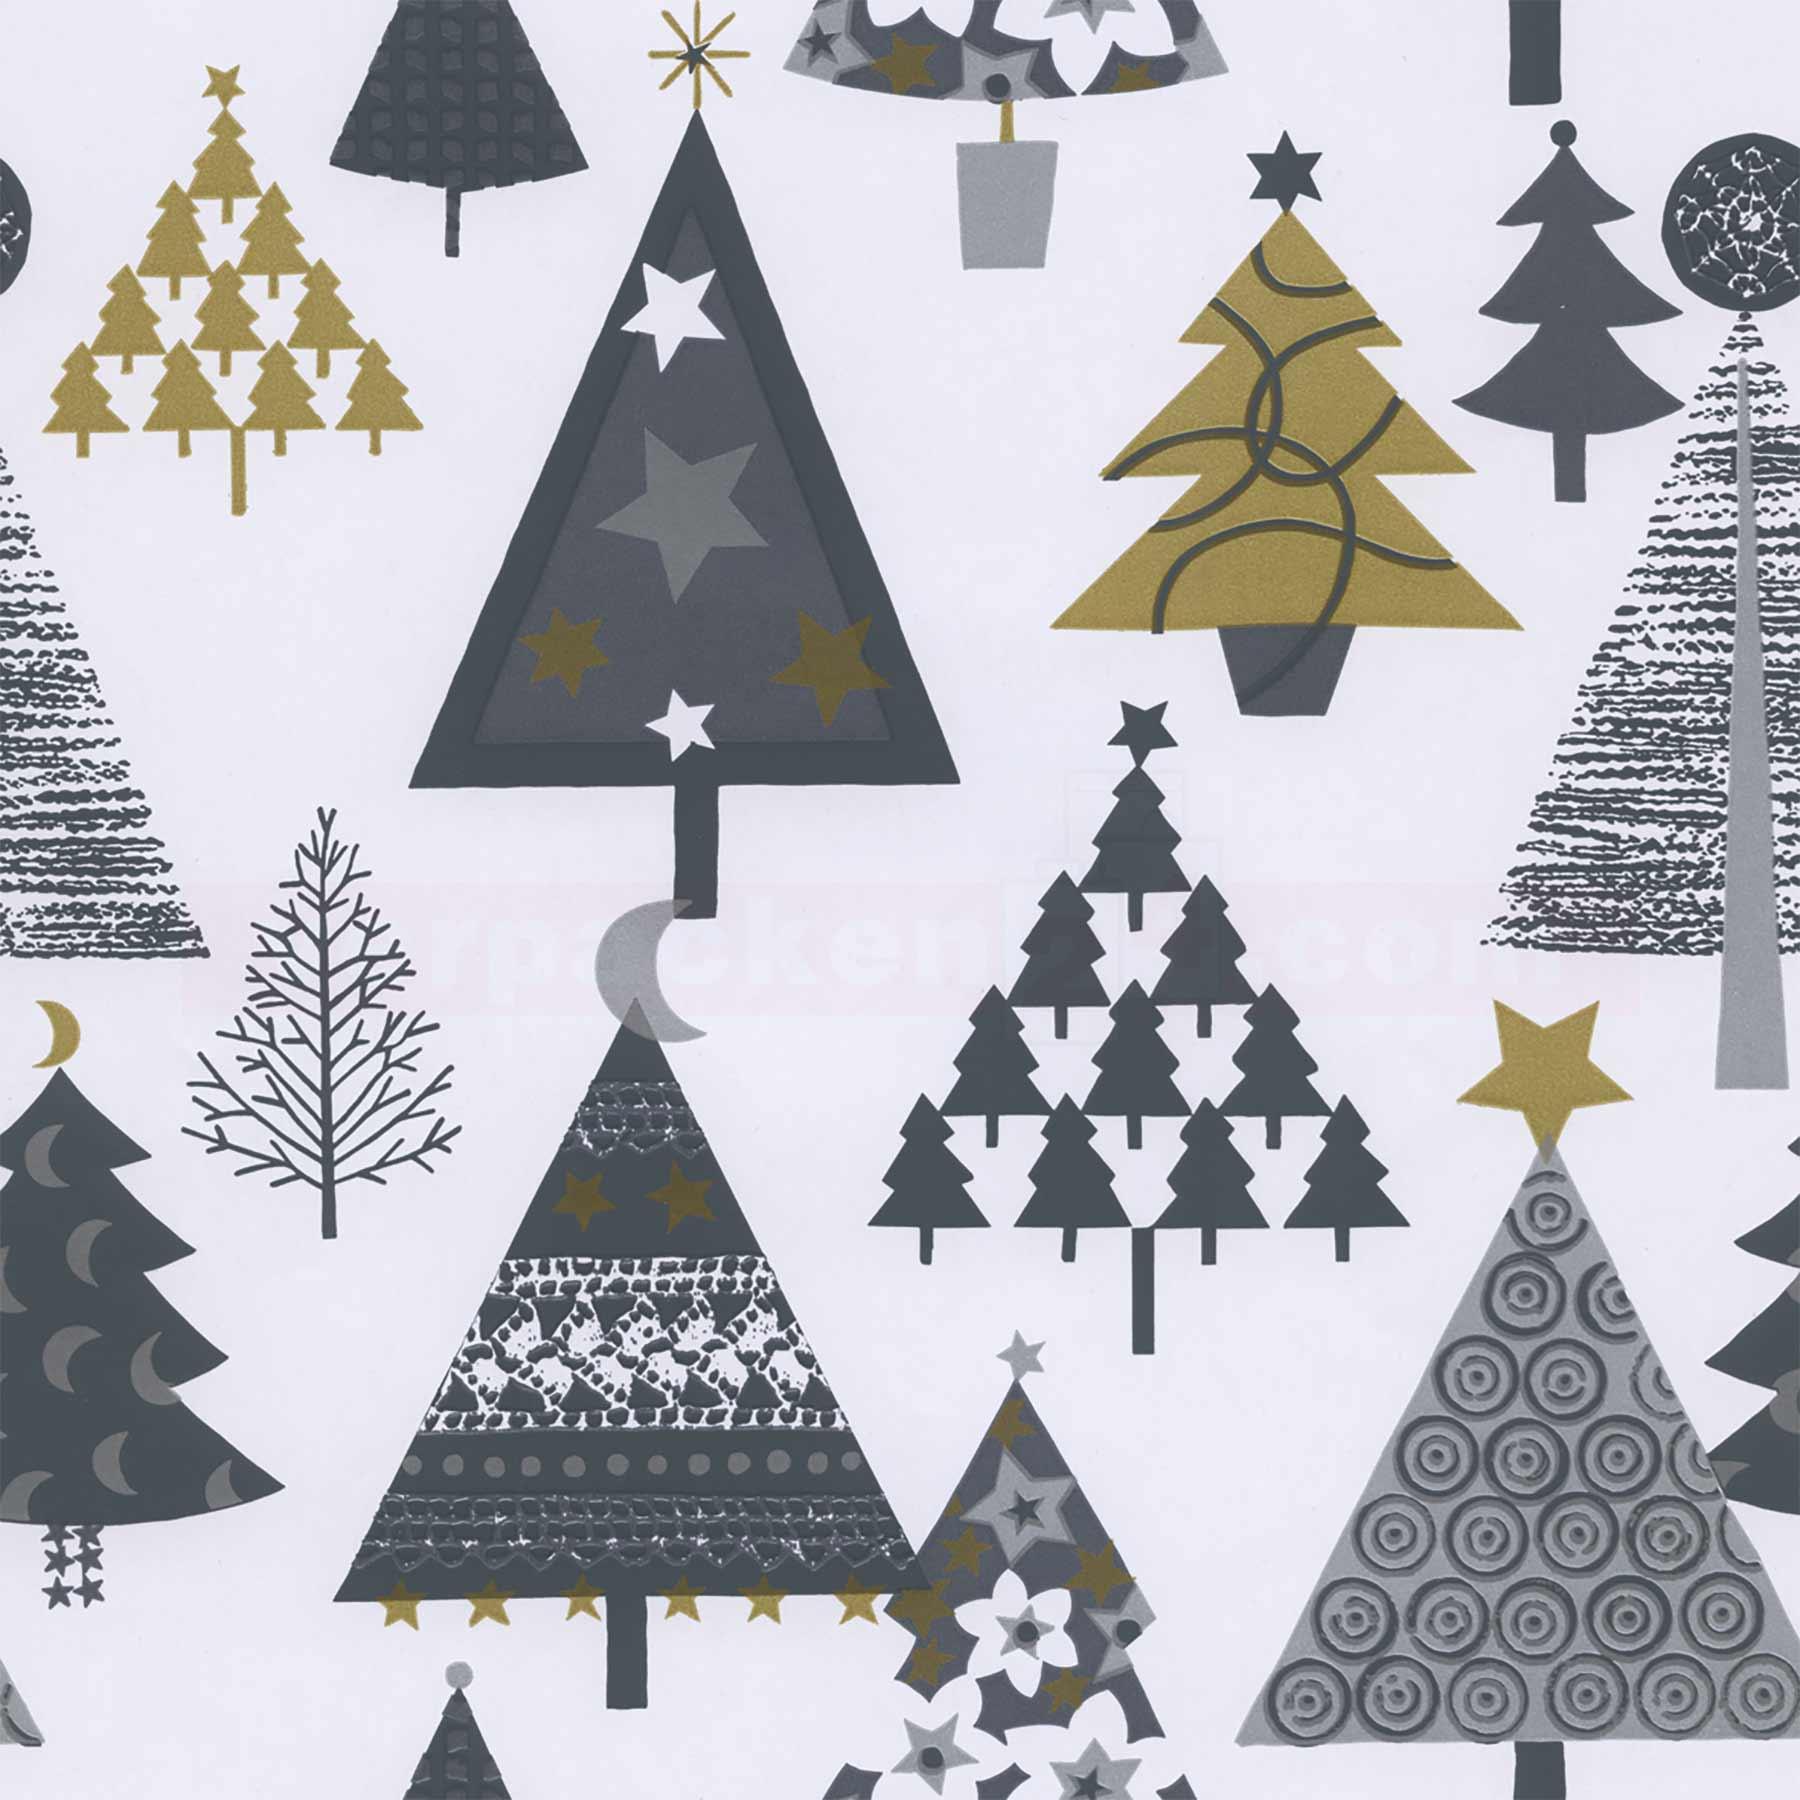 Weihnachtsgeschenkpapier Woerner 59113 Tannen silber | verpacken24 ...